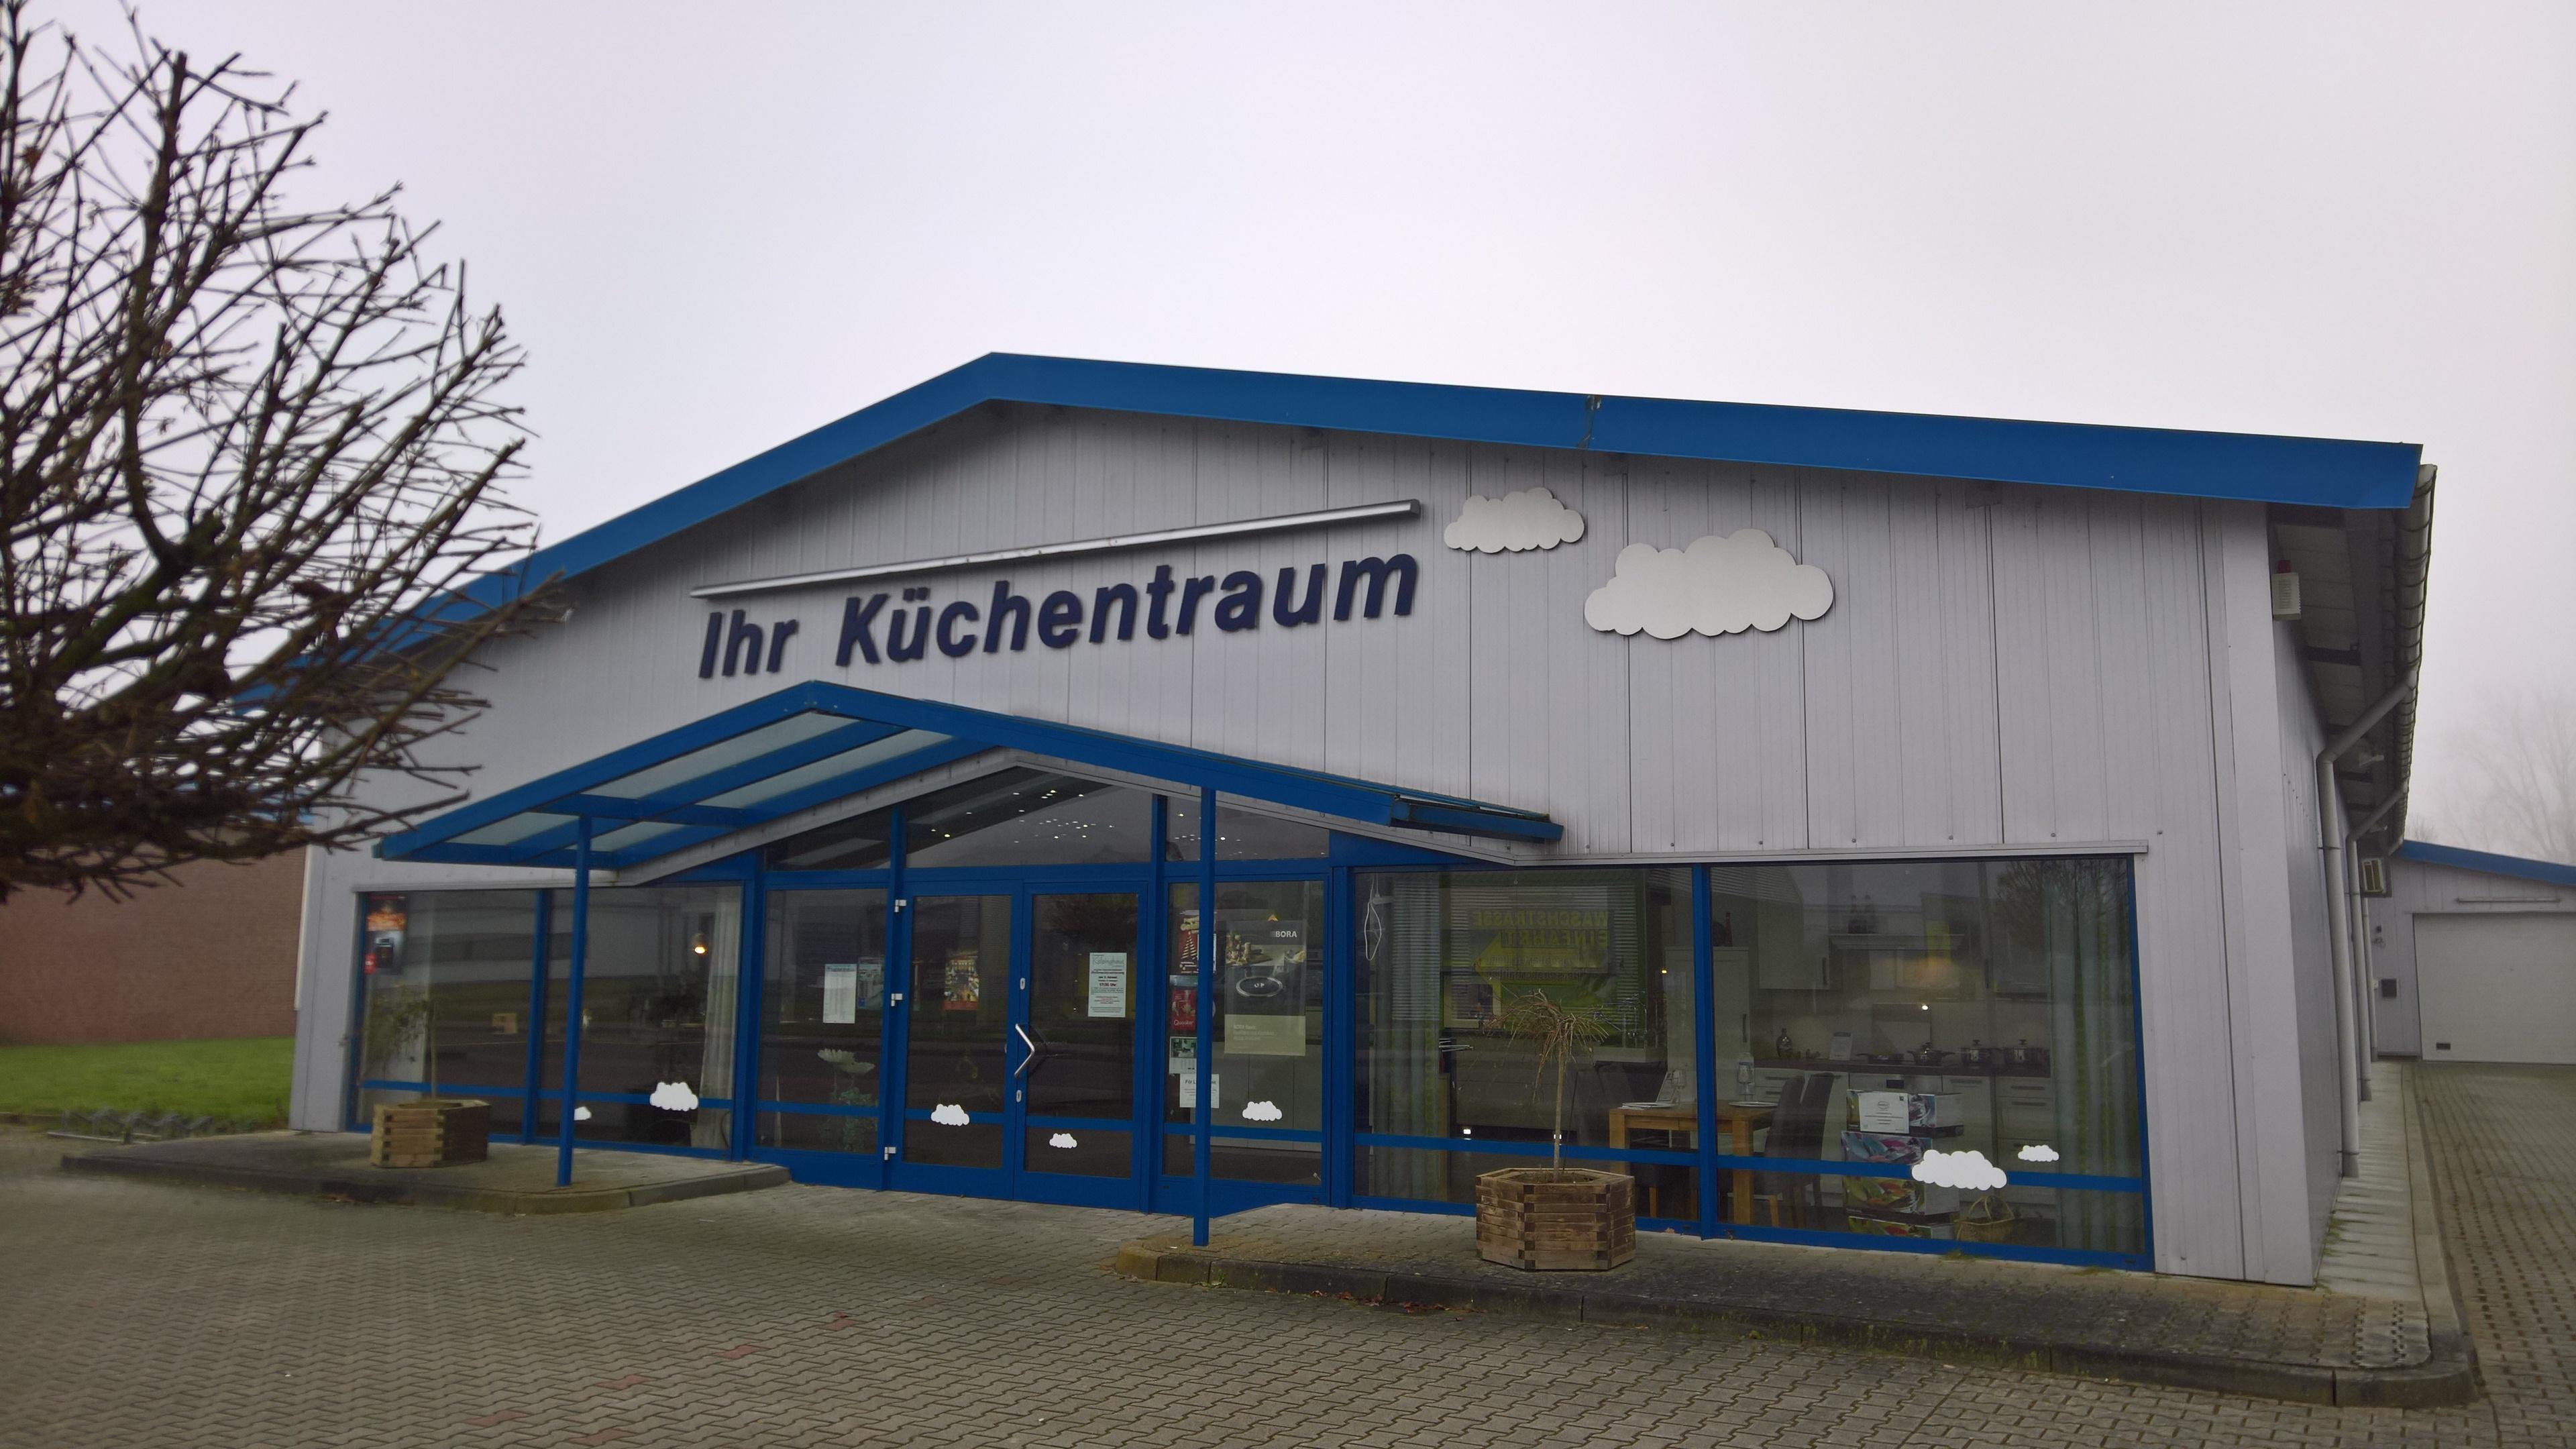 Küchentraum file ihr küchentraum aschendorf 2017 jpg wikimedia commons